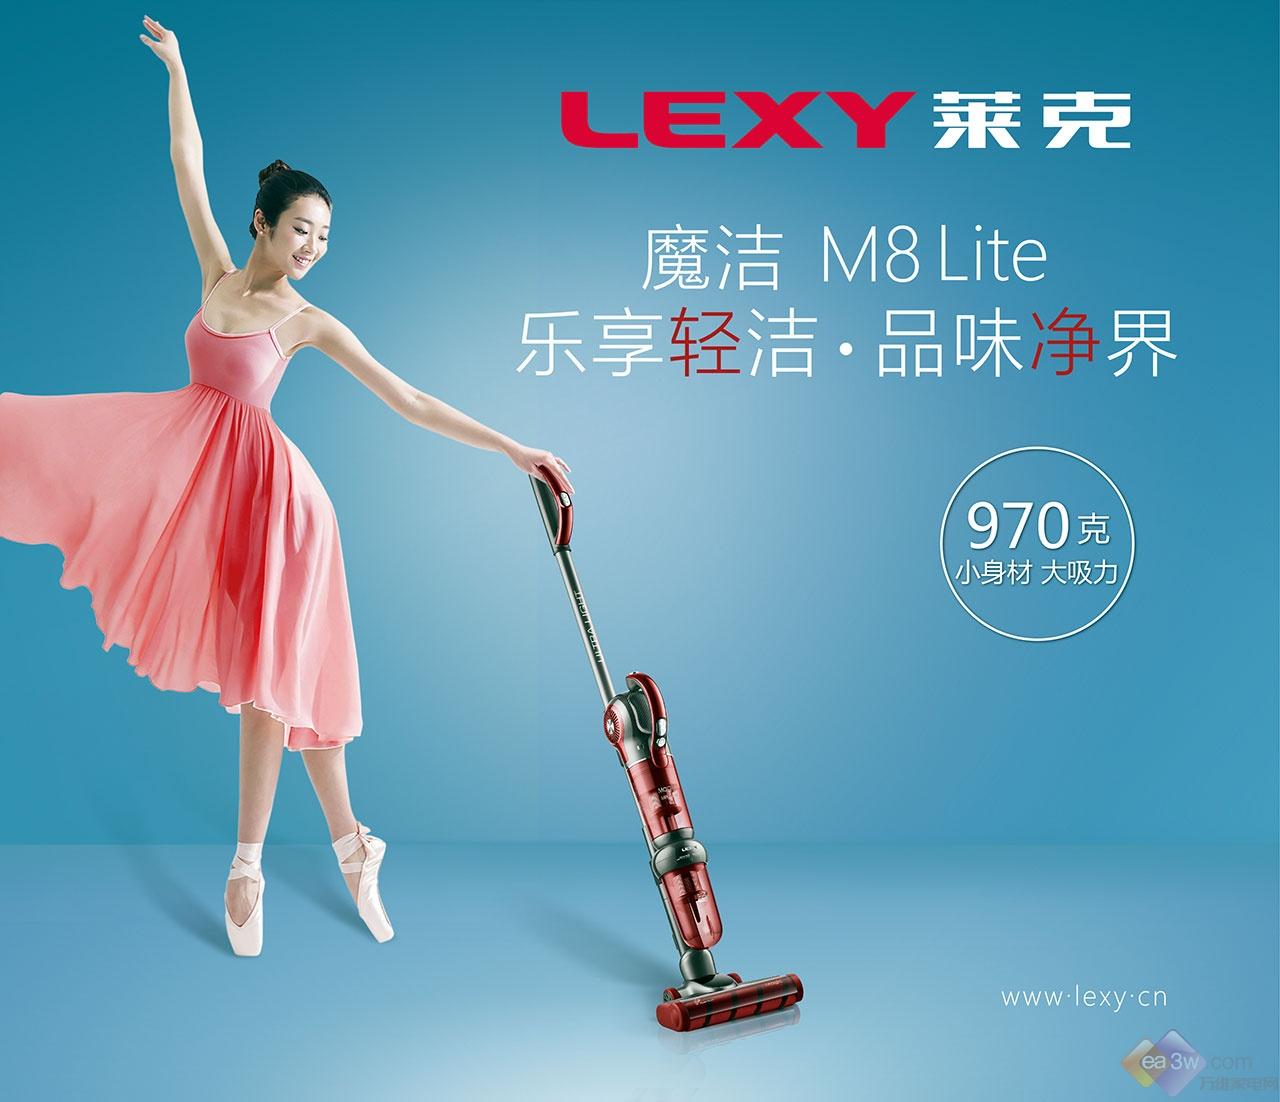 乐享轻洁 · 品味净界  莱克发布魔洁 M8 Lite超轻吸尘器